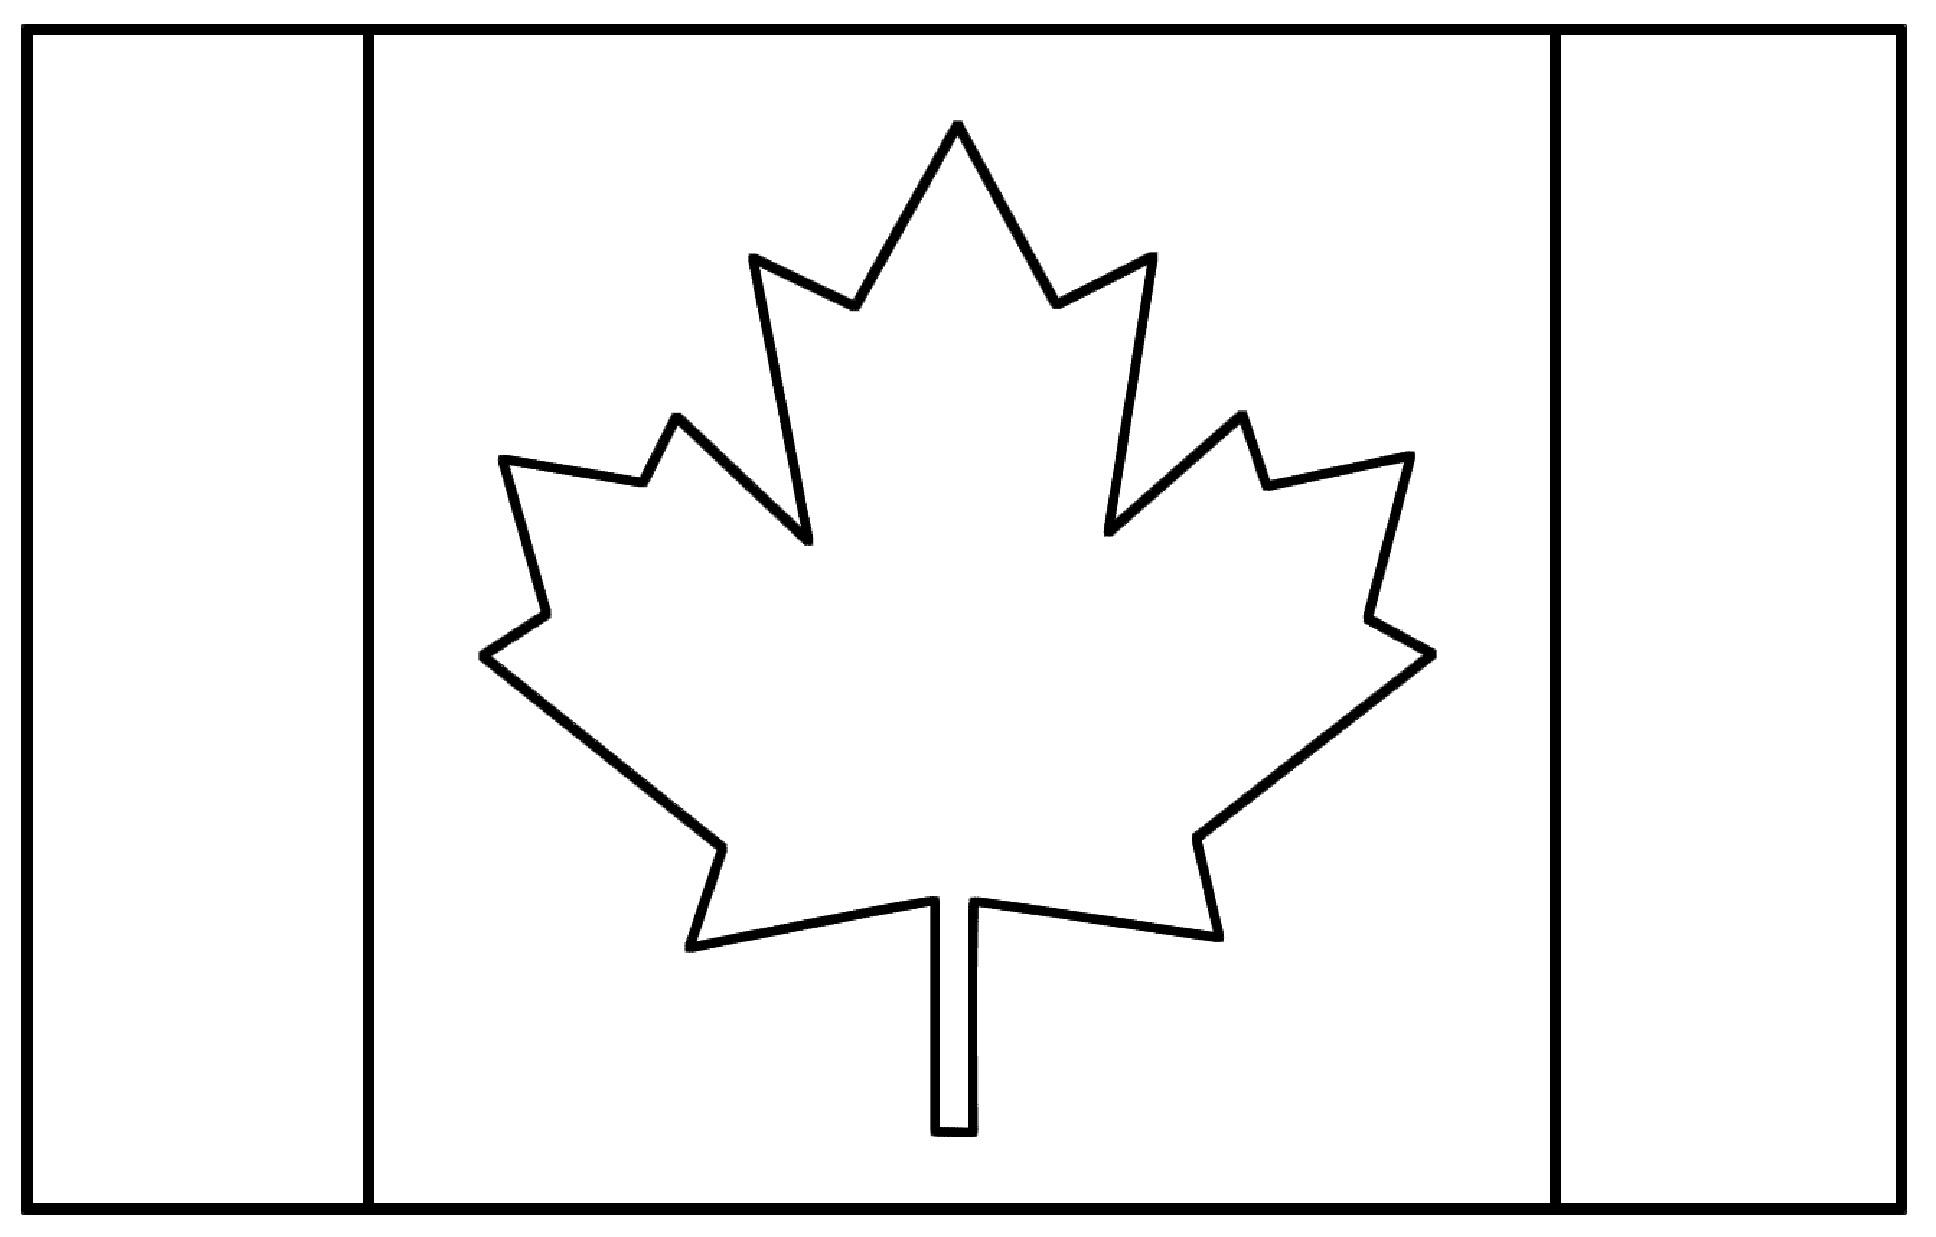 Bandiere 55304 Bandiere Disegni Da Colorare Per Adulti